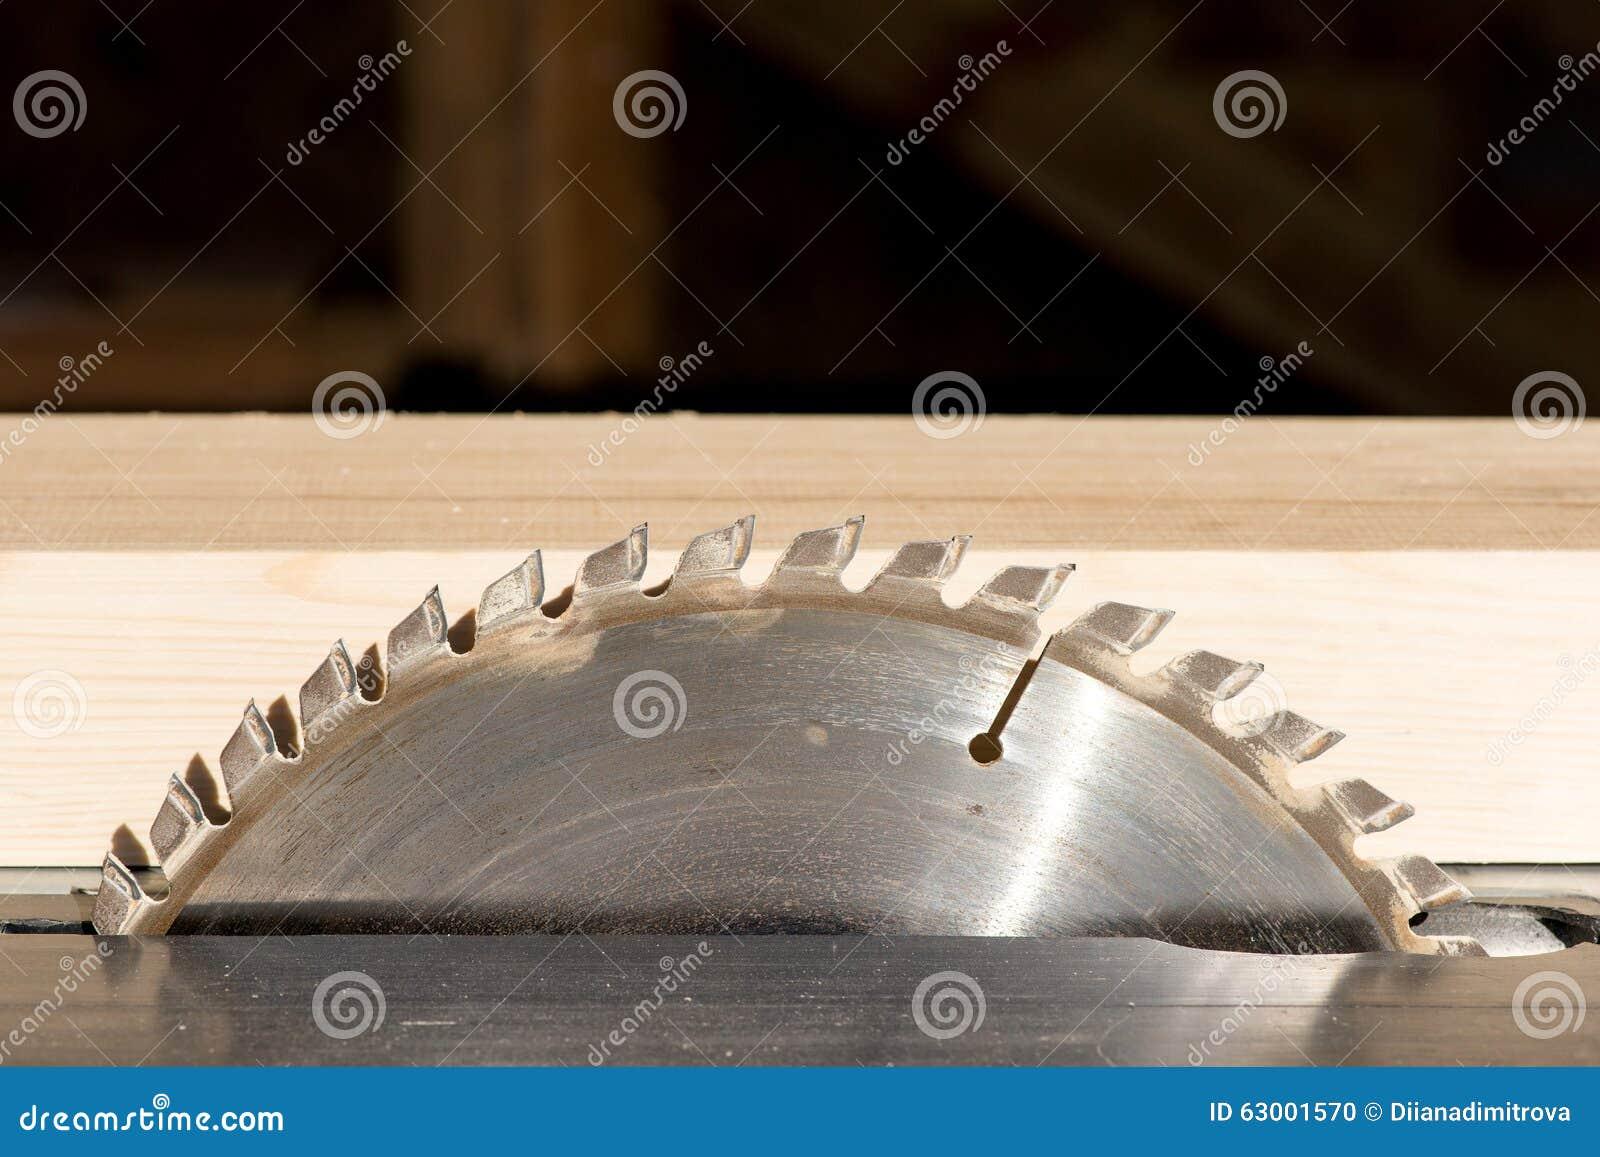 Κυκλικό πριόνι στο κατάστημα του ξυλουργού